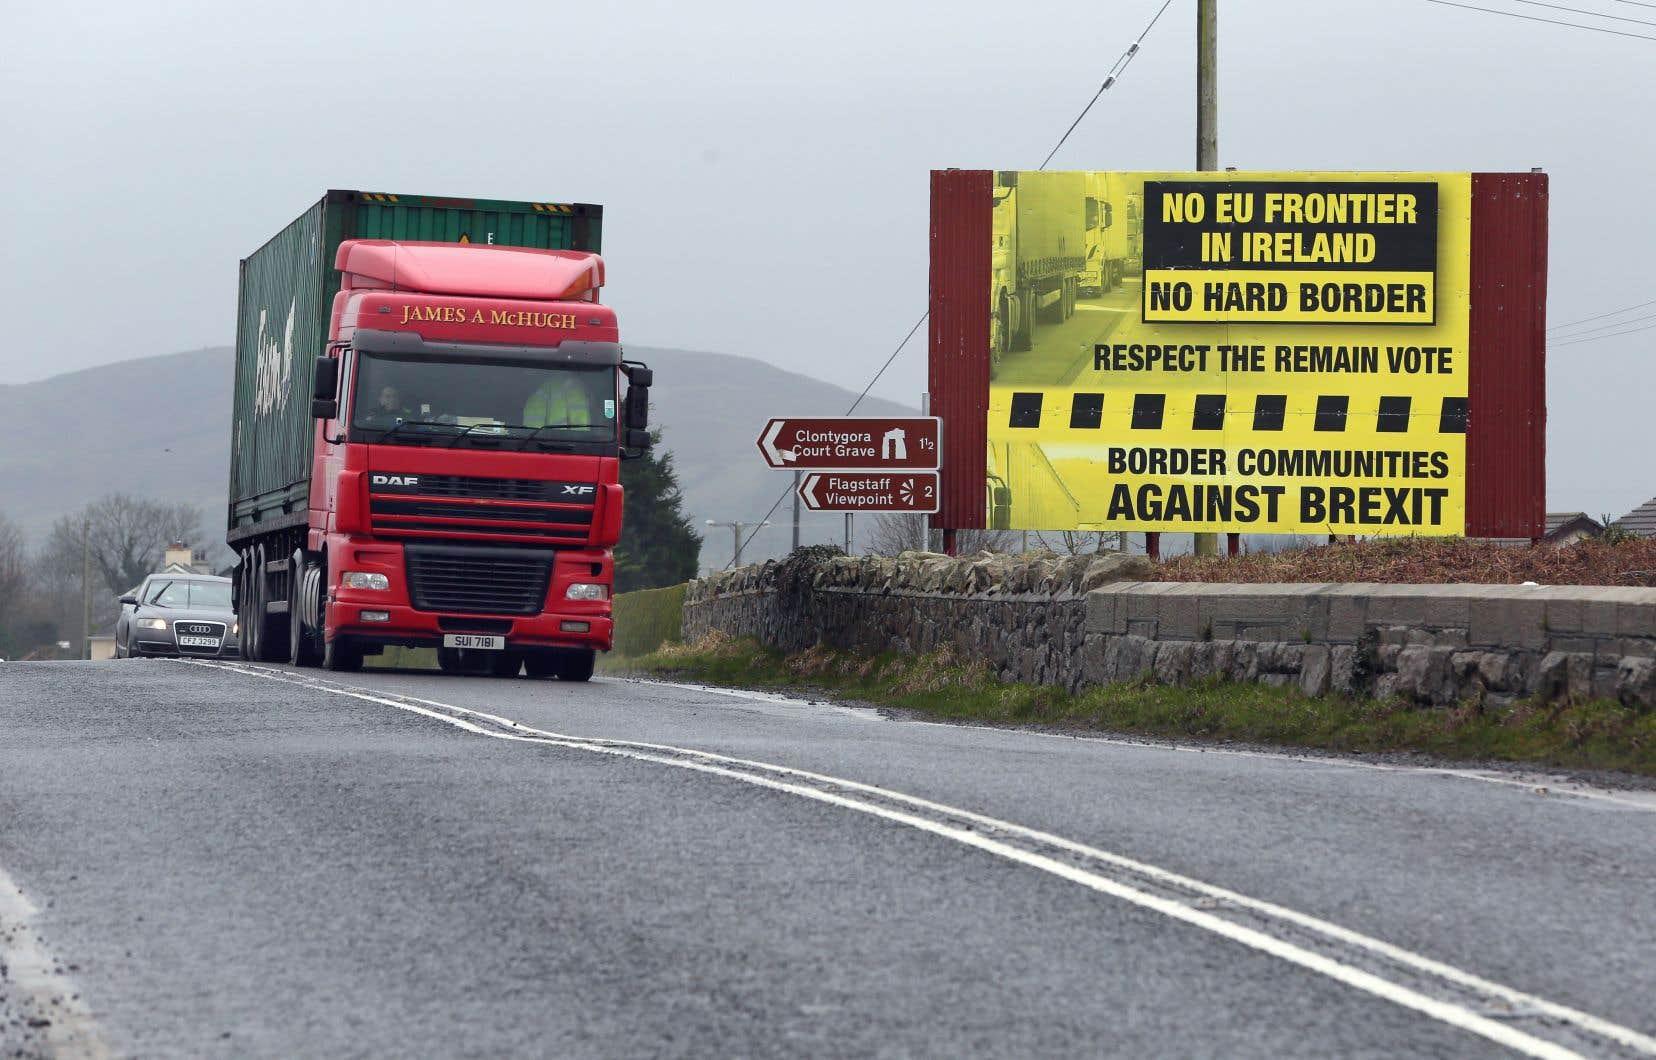 Des véhicules croisent une affiche présentant un message s'opposant à des contrôles frontaliers resserrés entre l'Irlande et l'Irlande du Nord.